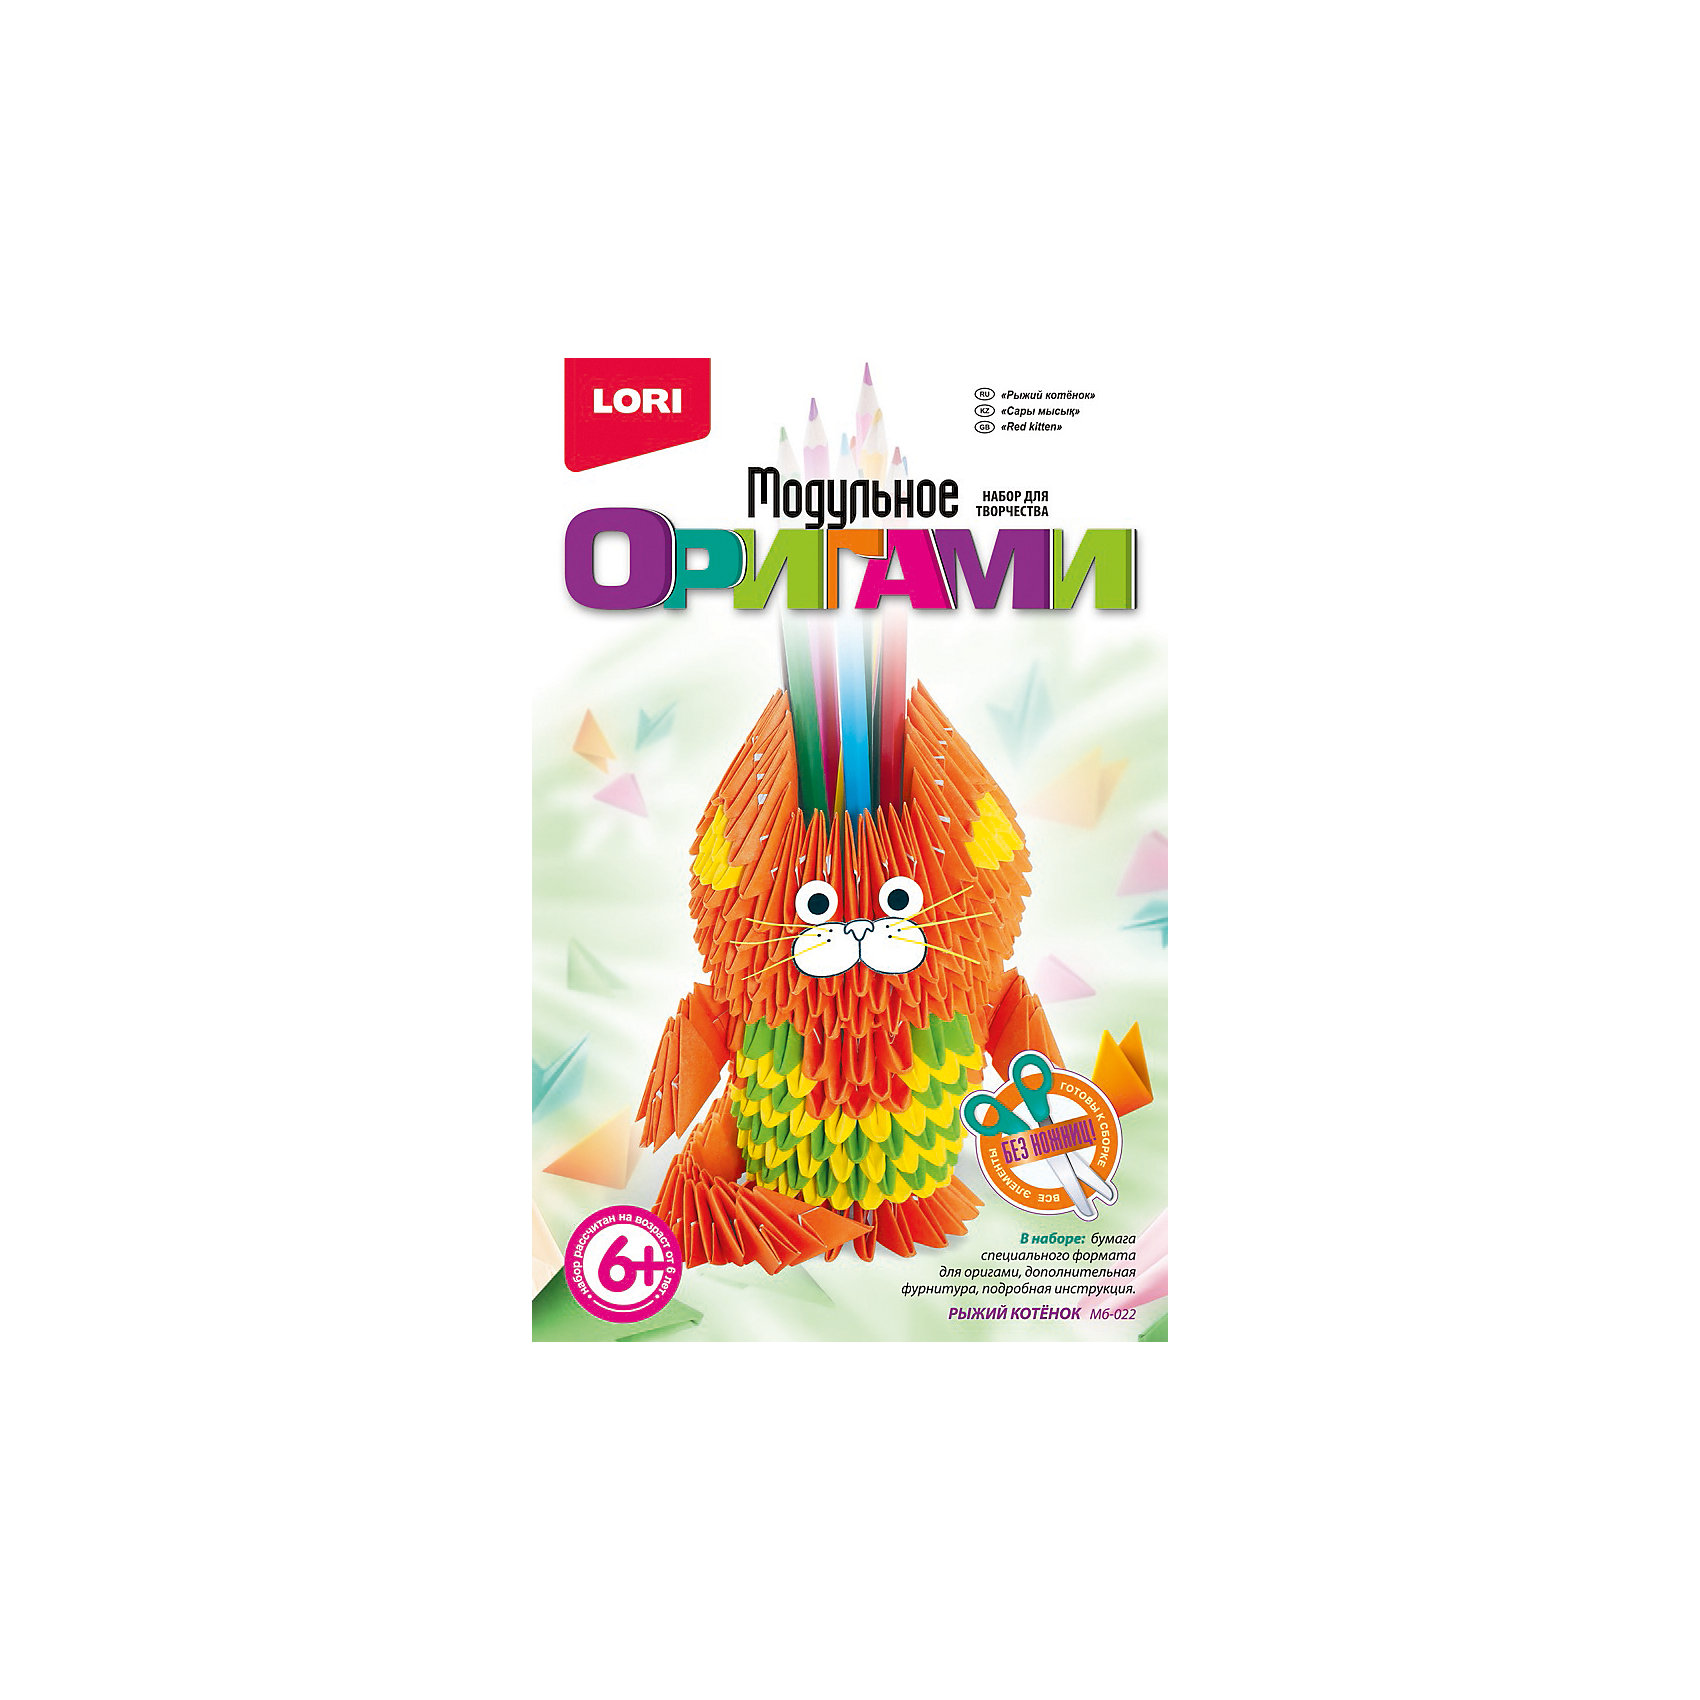 Модульное оригами Рыжий котенокБумага<br>Объемные фигуры из бумаги всегда смотрятся очень красиво и необычно. С помощью этого набора ребенок сможет изучить удивительную технику оригами. Более простая по сравнению с классическим оригами, она в то же время является очень увлекательным занятием, которое понравится не только детям, но и взрослым. <br>Занятия с данным набором способствуют развитию внимания, памяти, пространственного и образного мышления, развивают мелкую моторику, воспитывают терпение и аккуратность.<br><br>Дополнительная информация:<br><br>- Материал: бумага.<br>- Размер упаковки: 13,5х21 см.<br>- Комплектация: бумага специального формата для оригами, инструкция.<br><br>Модульное оригами Рыжий котенок можно купить в нашем магазине.<br><br>Ширина мм: 370<br>Глубина мм: 250<br>Высота мм: 155<br>Вес г: 230<br>Возраст от месяцев: 72<br>Возраст до месяцев: 2147483647<br>Пол: Унисекс<br>Возраст: Детский<br>SKU: 4561184